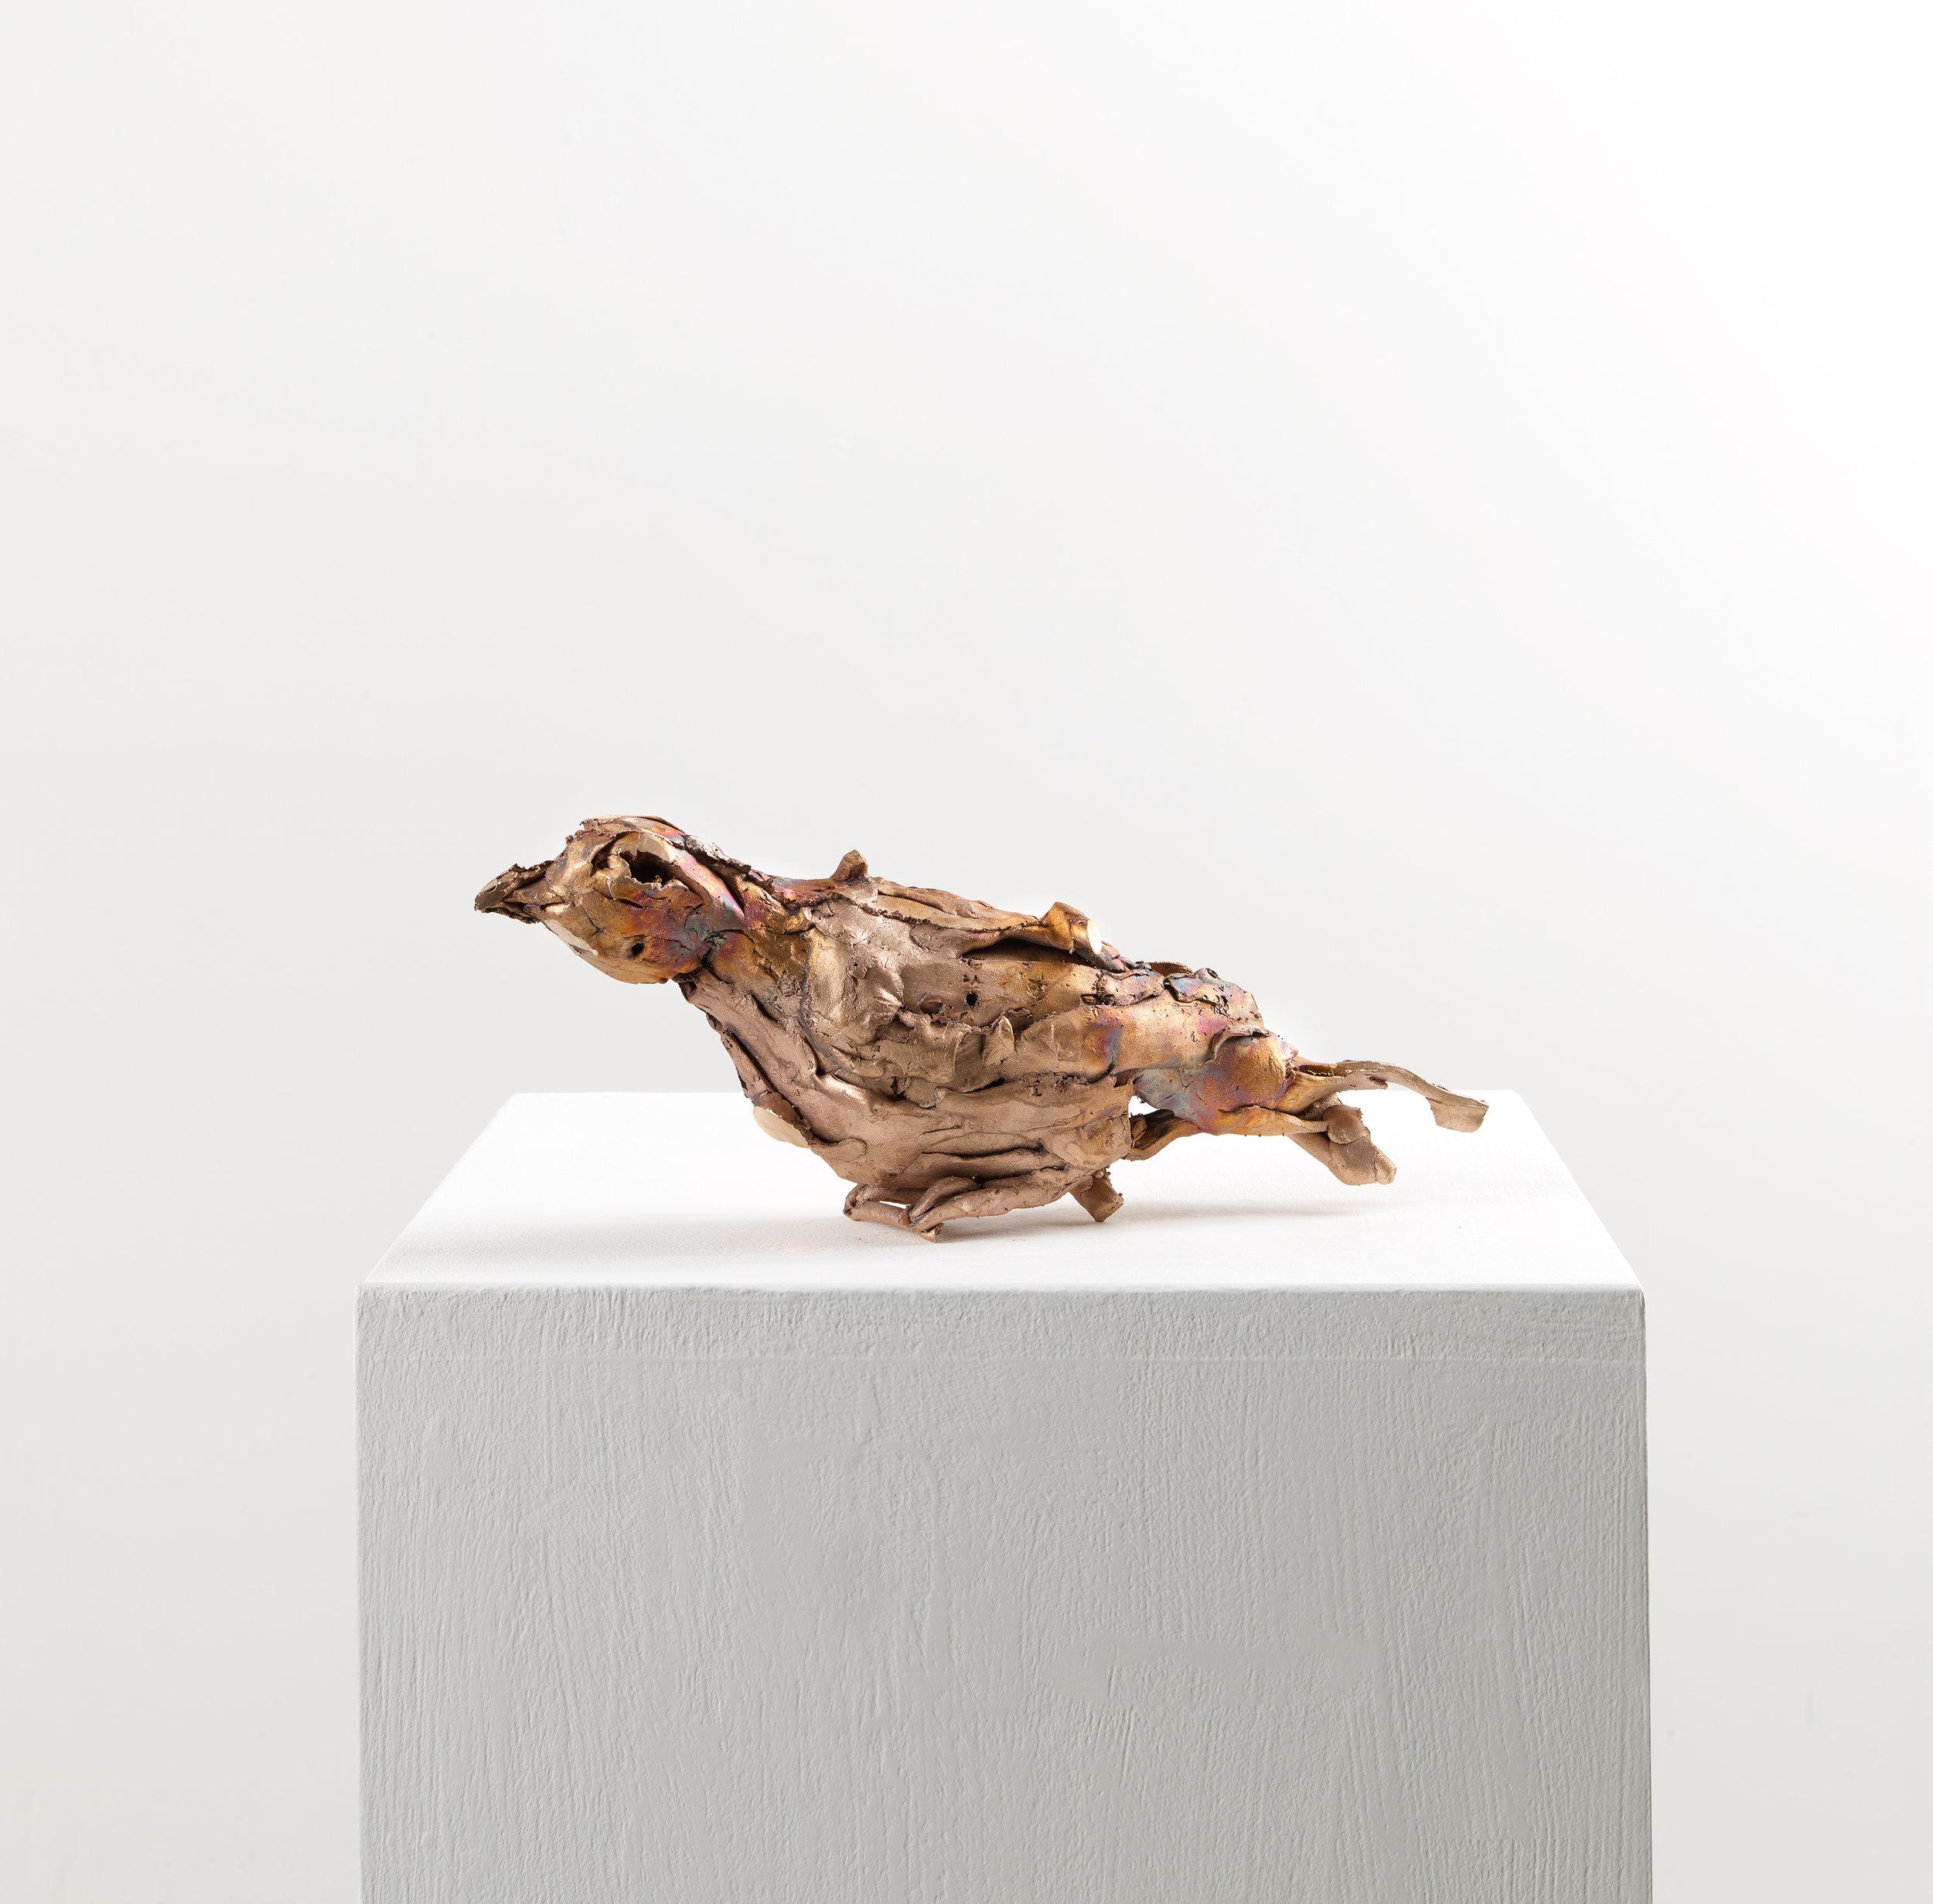 Lionel Sabatté, « Colombe du 15.01.19 », bronze, 14,5×34×7,5 cm, 2019, Tirage unique.